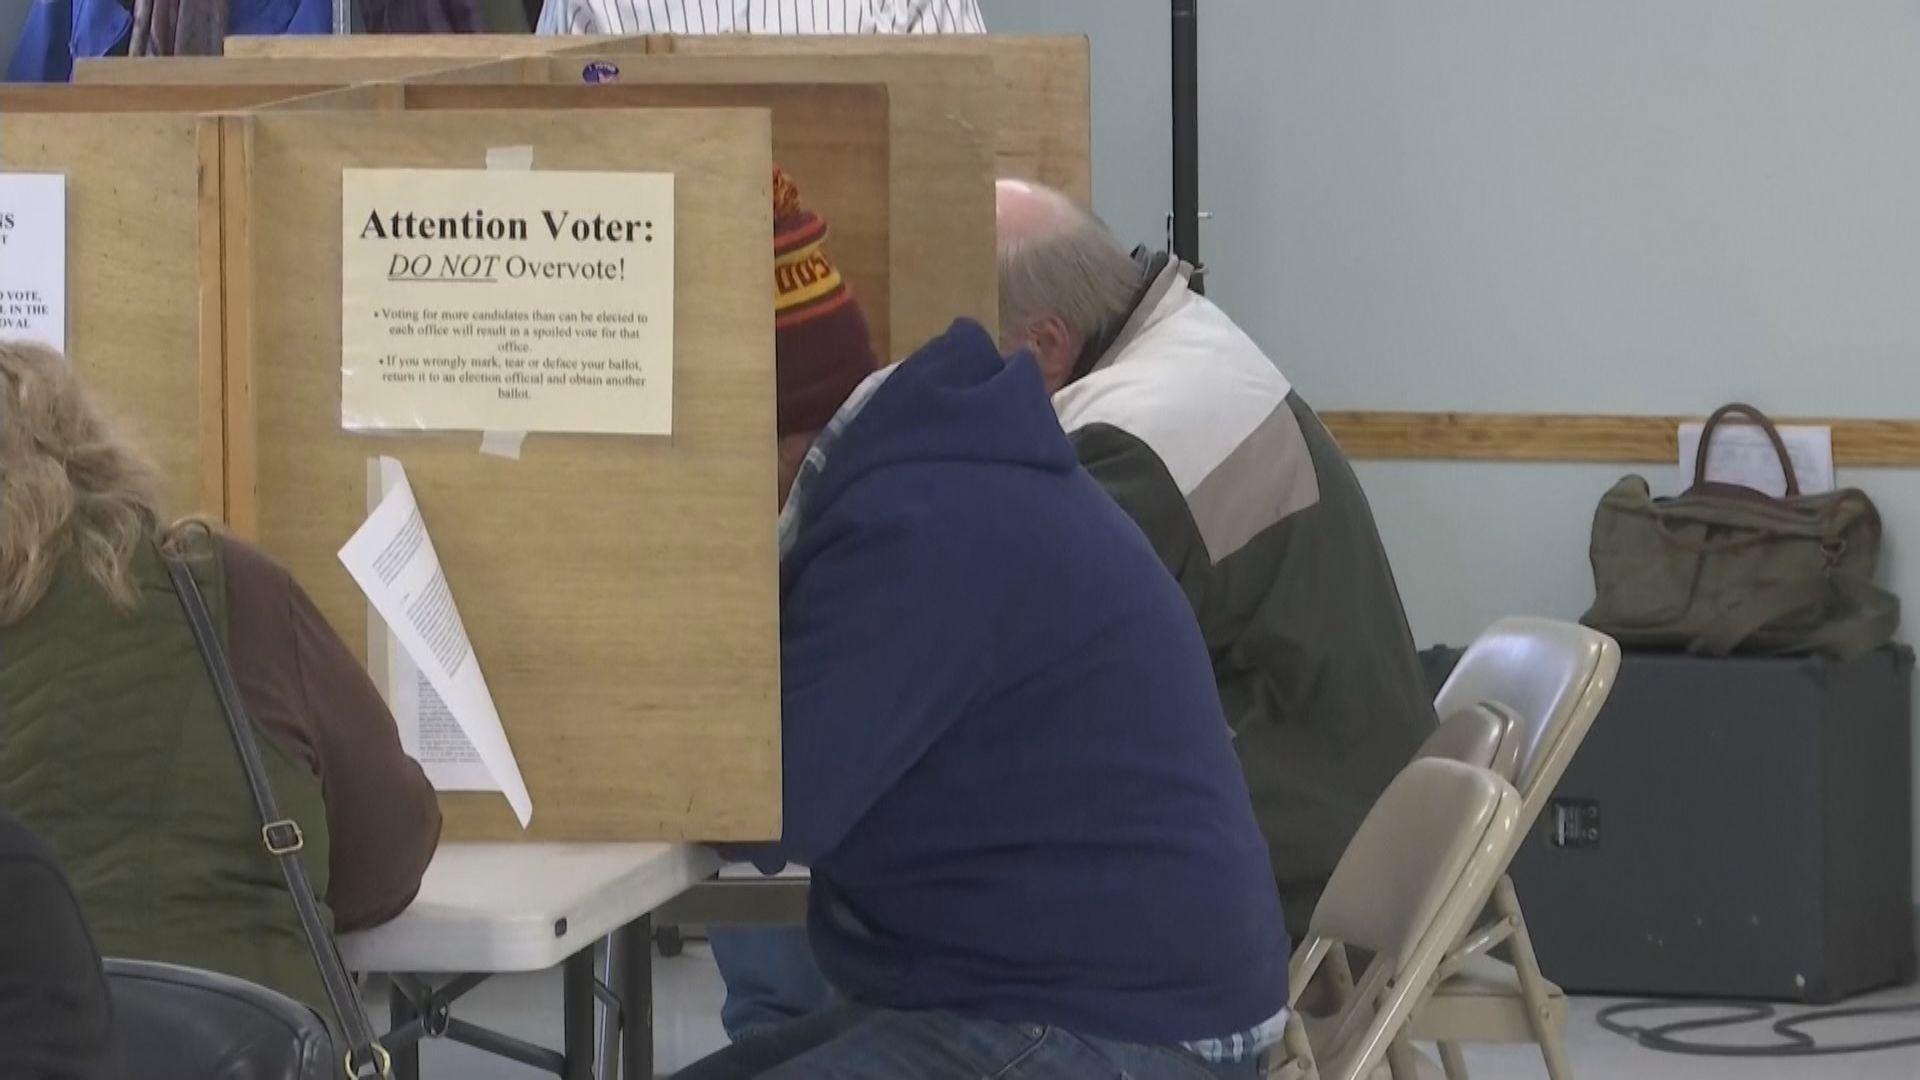 美國「超級星期二」總統提名初選陸續開始投票